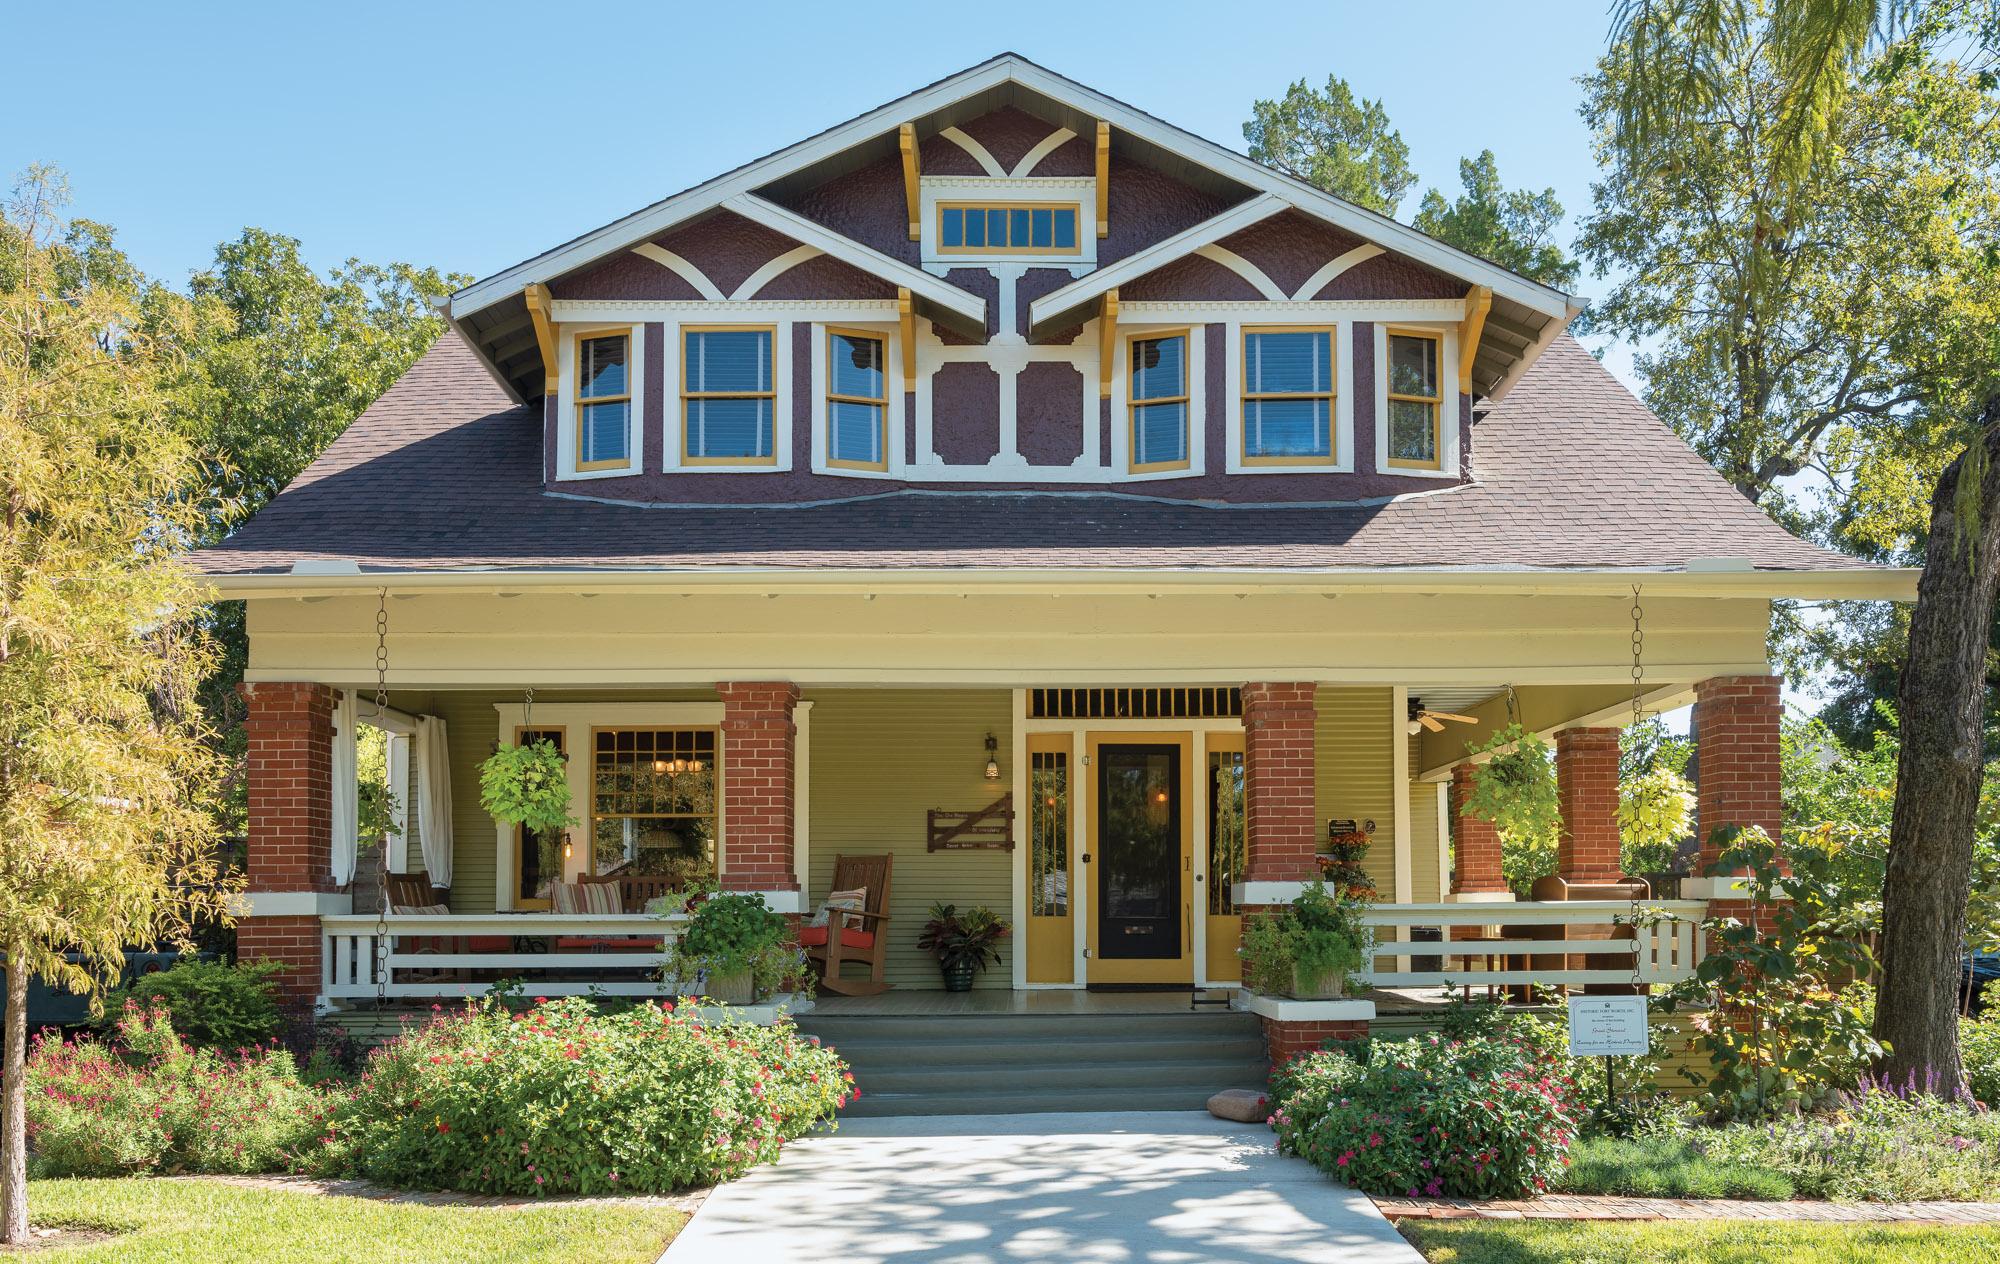 Texas bungalow